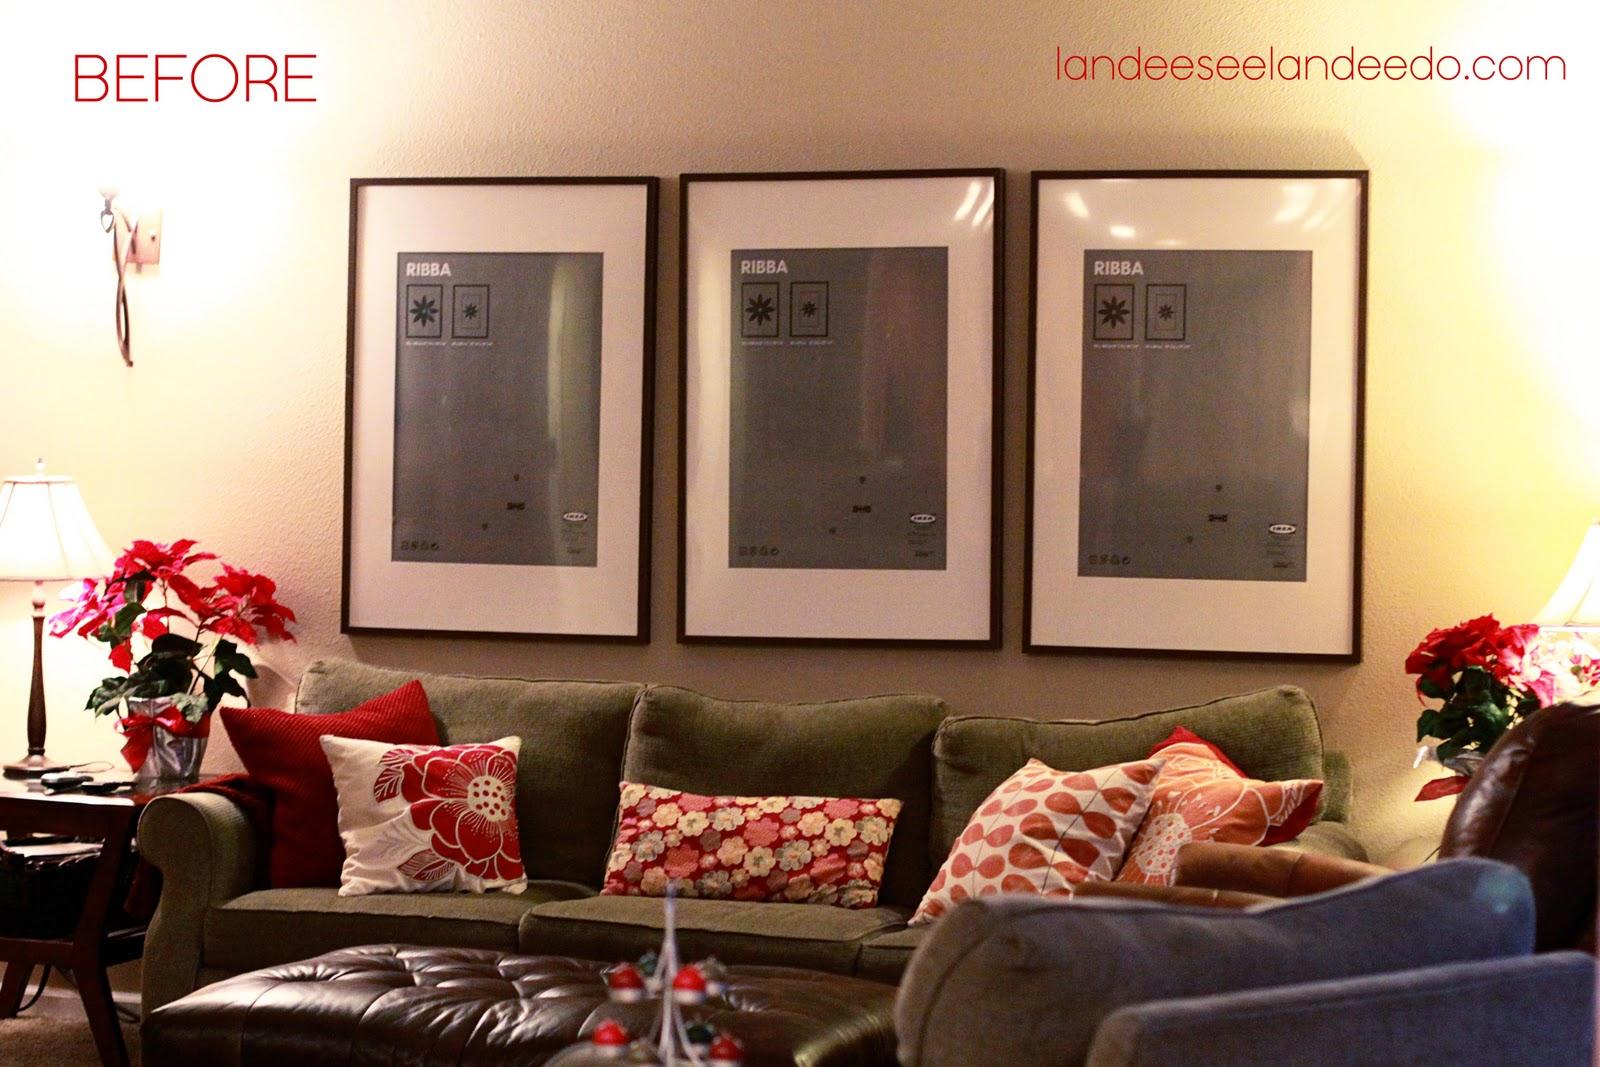 Ungewöhnlich Ikea 16 X 20 Rahmen Ideen - Benutzerdefinierte ...